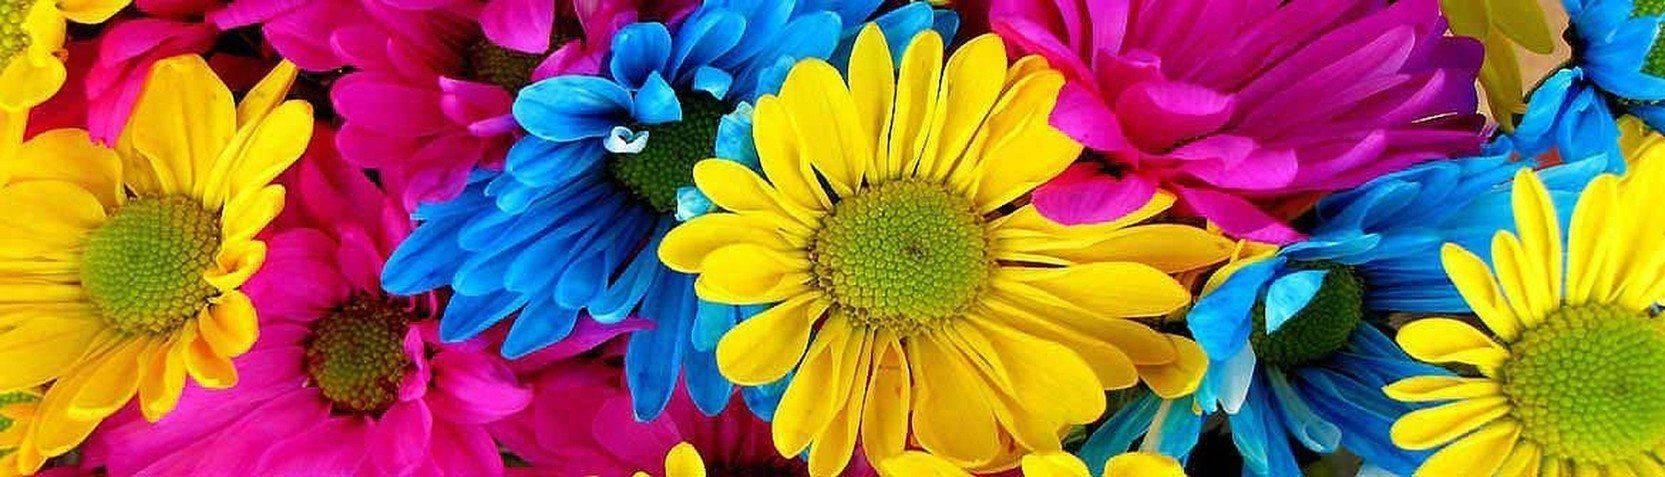 Collections - Fleurs & botanique